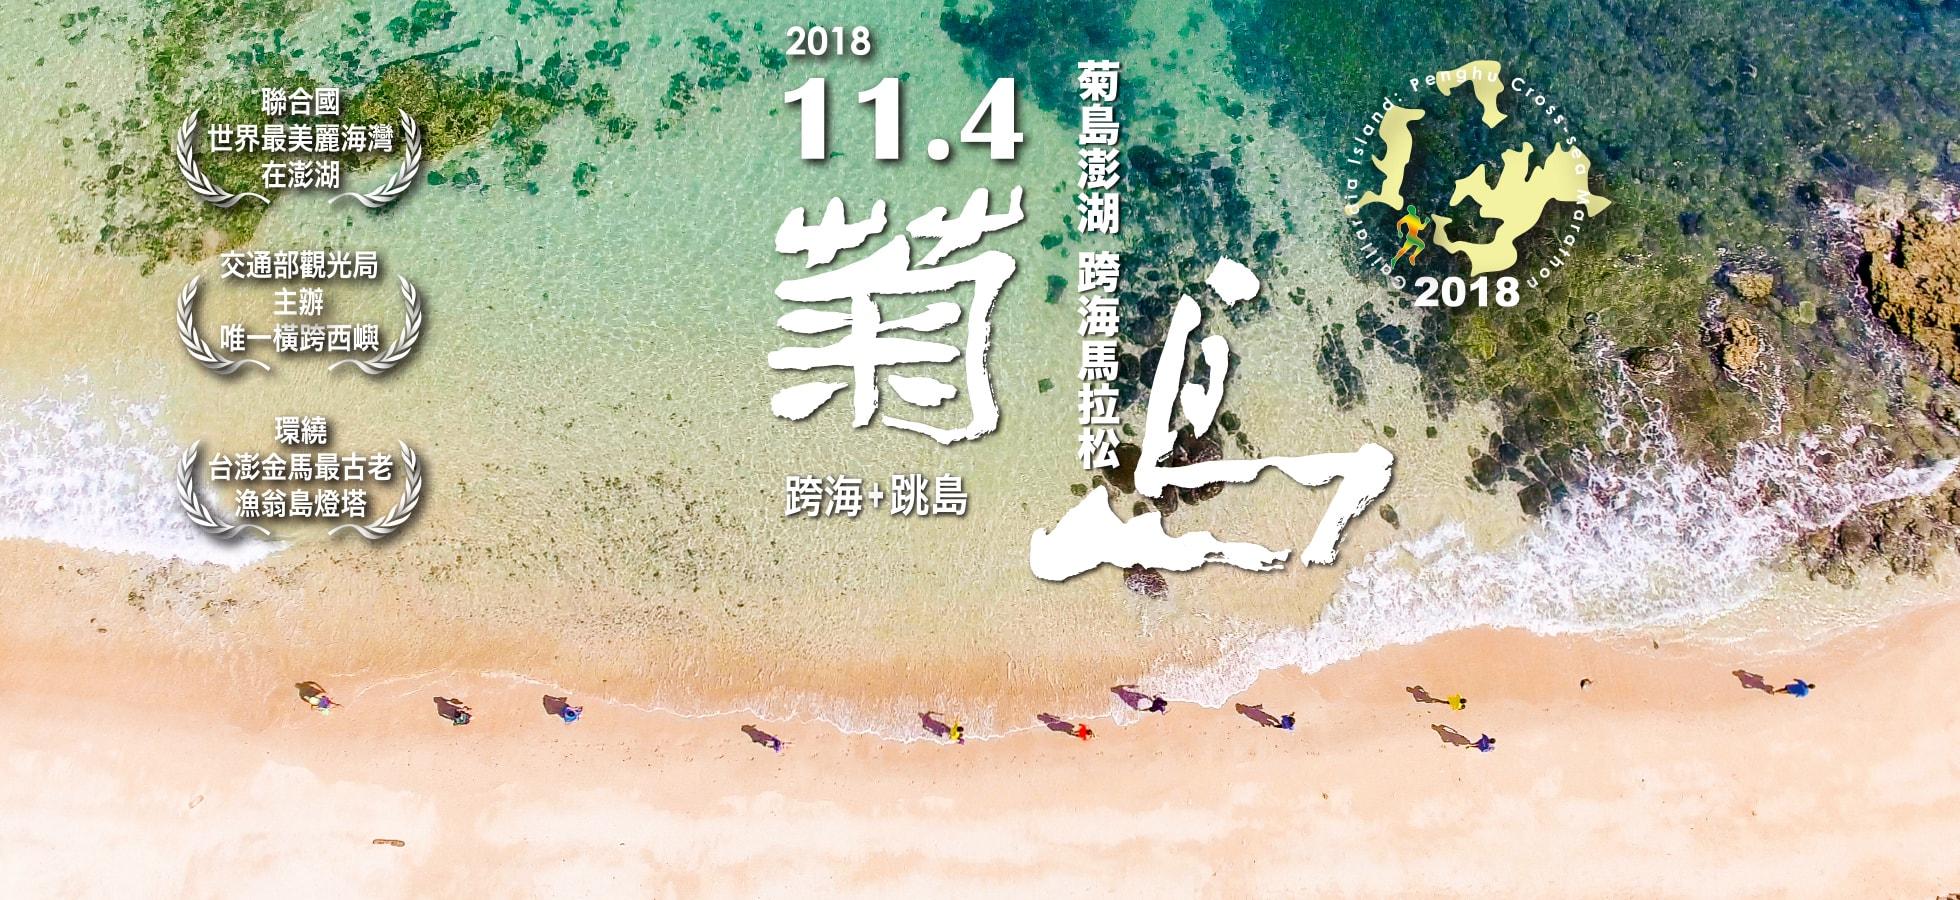 2018 菊島澎湖 跨海馬拉松